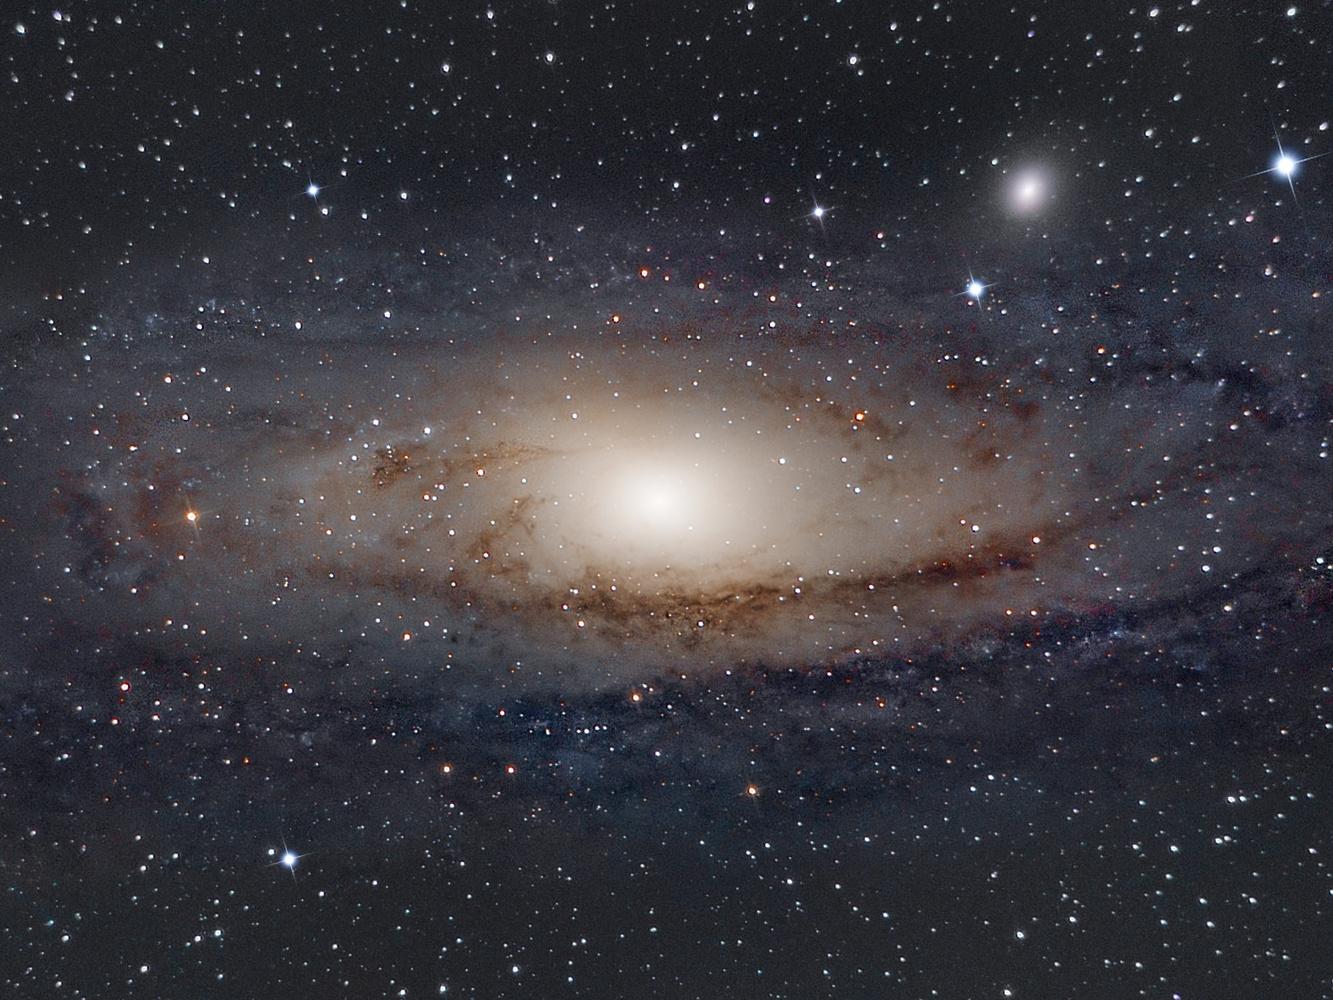 Andromeda Galaxy by Edoardo Dusina